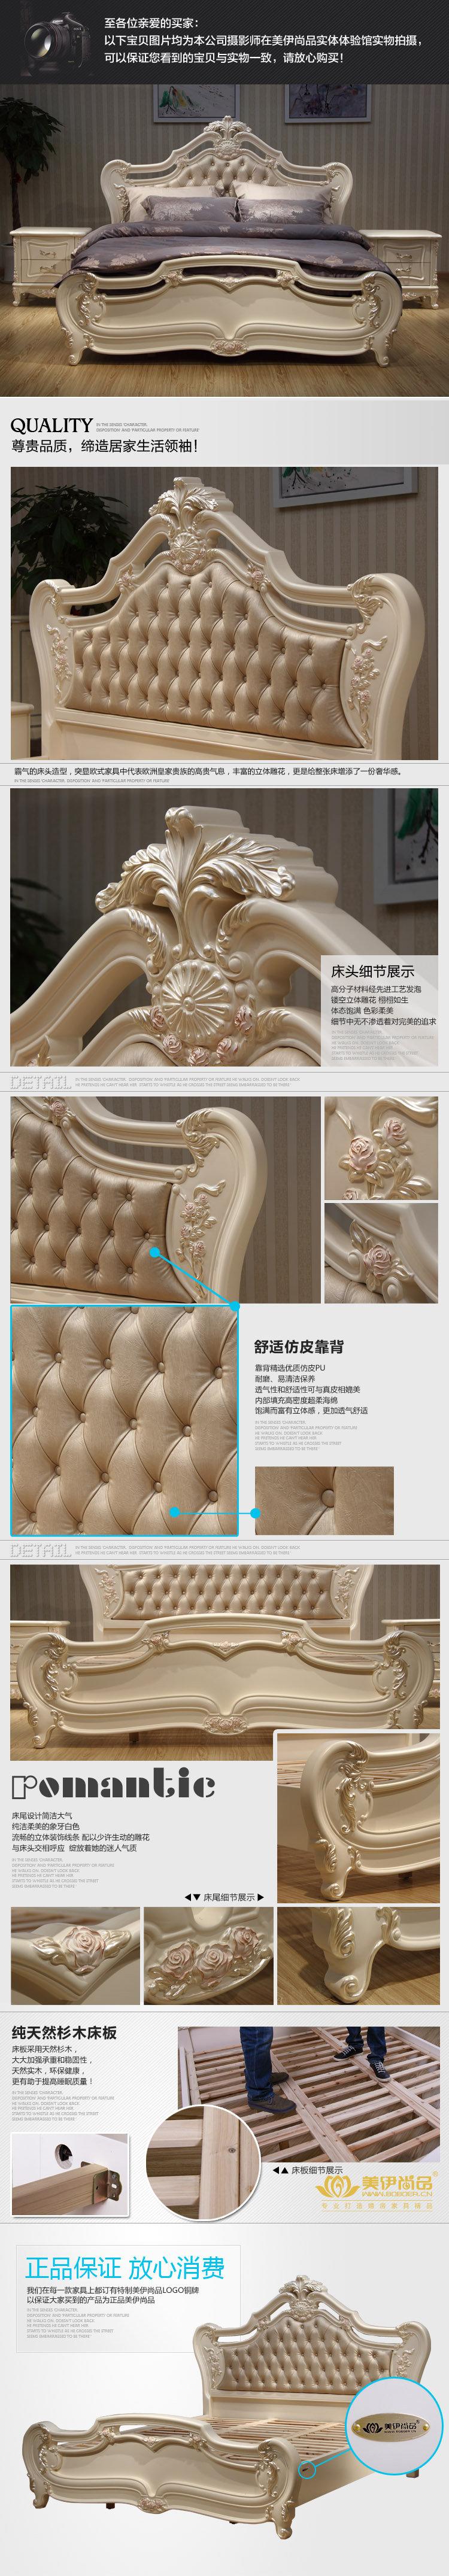 美伊尚品奢华1米8白色欧式婚房奢华双人床cbc-001